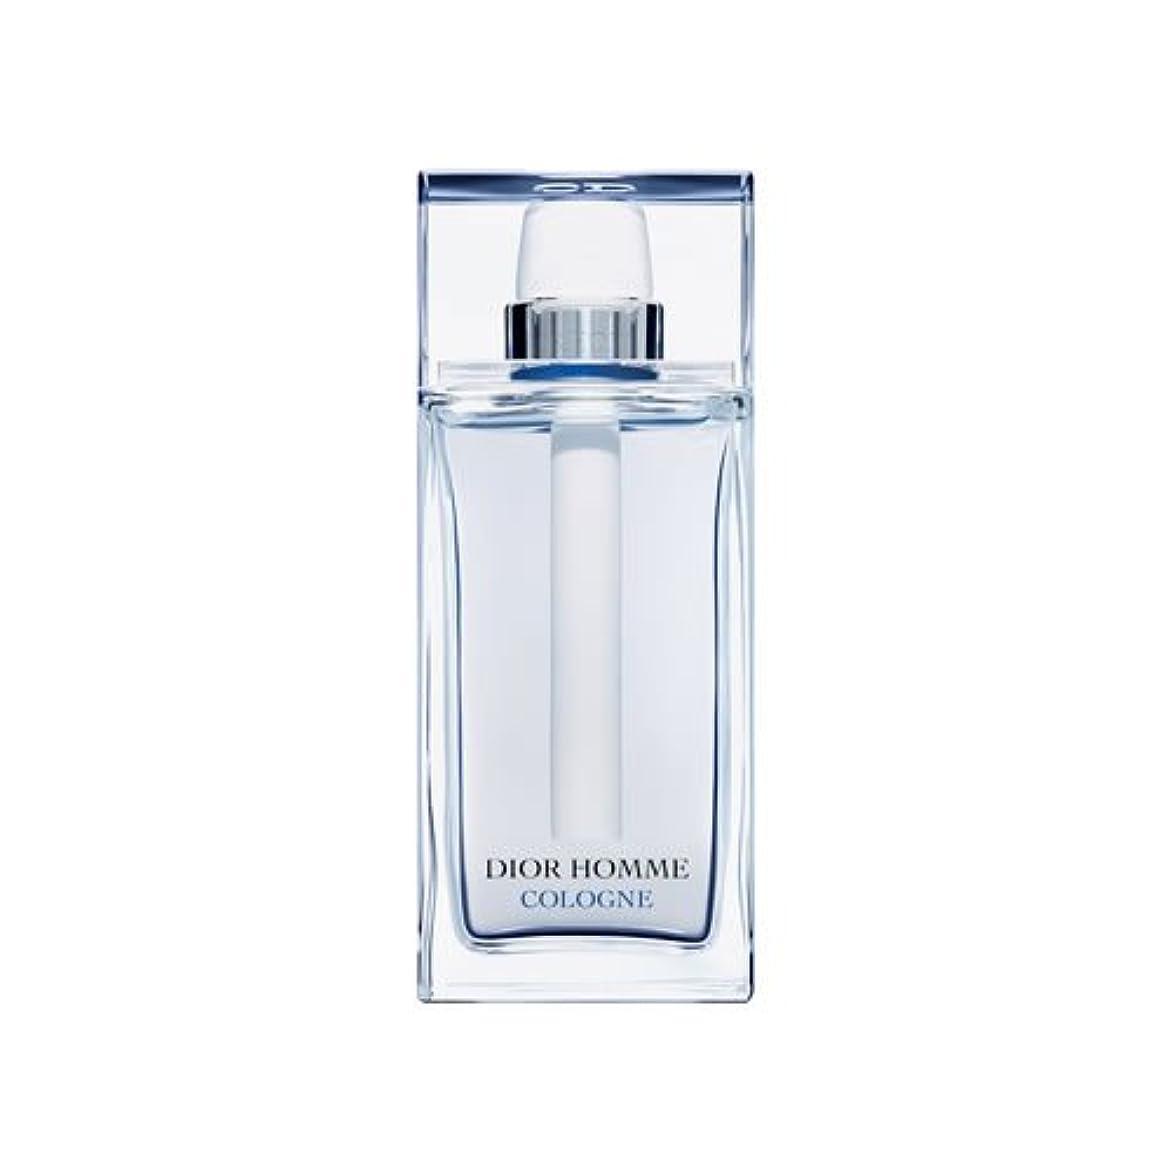 治安判事花瓶北西クリスチャン ディオール(Christian Dior) ディオール オム コロン オード トワレ 125ml[並行輸入品]